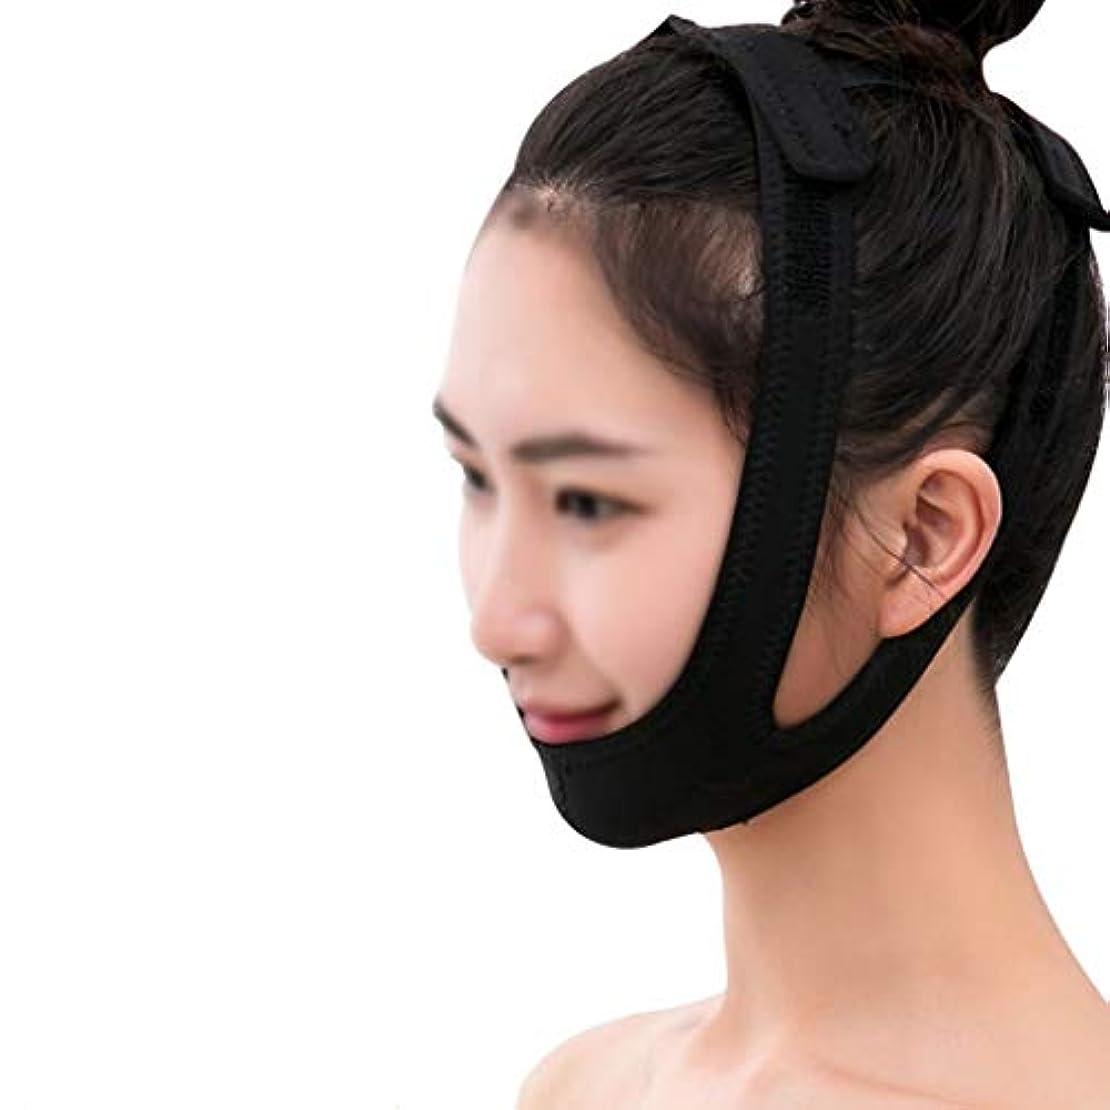 半島フレッシュワイプフェイシャルリフティングマスク、医療用ワイヤーカービングリカバリーヘッドギアVフェイスバンデージダブルチンフェイスリフトマスクブラック